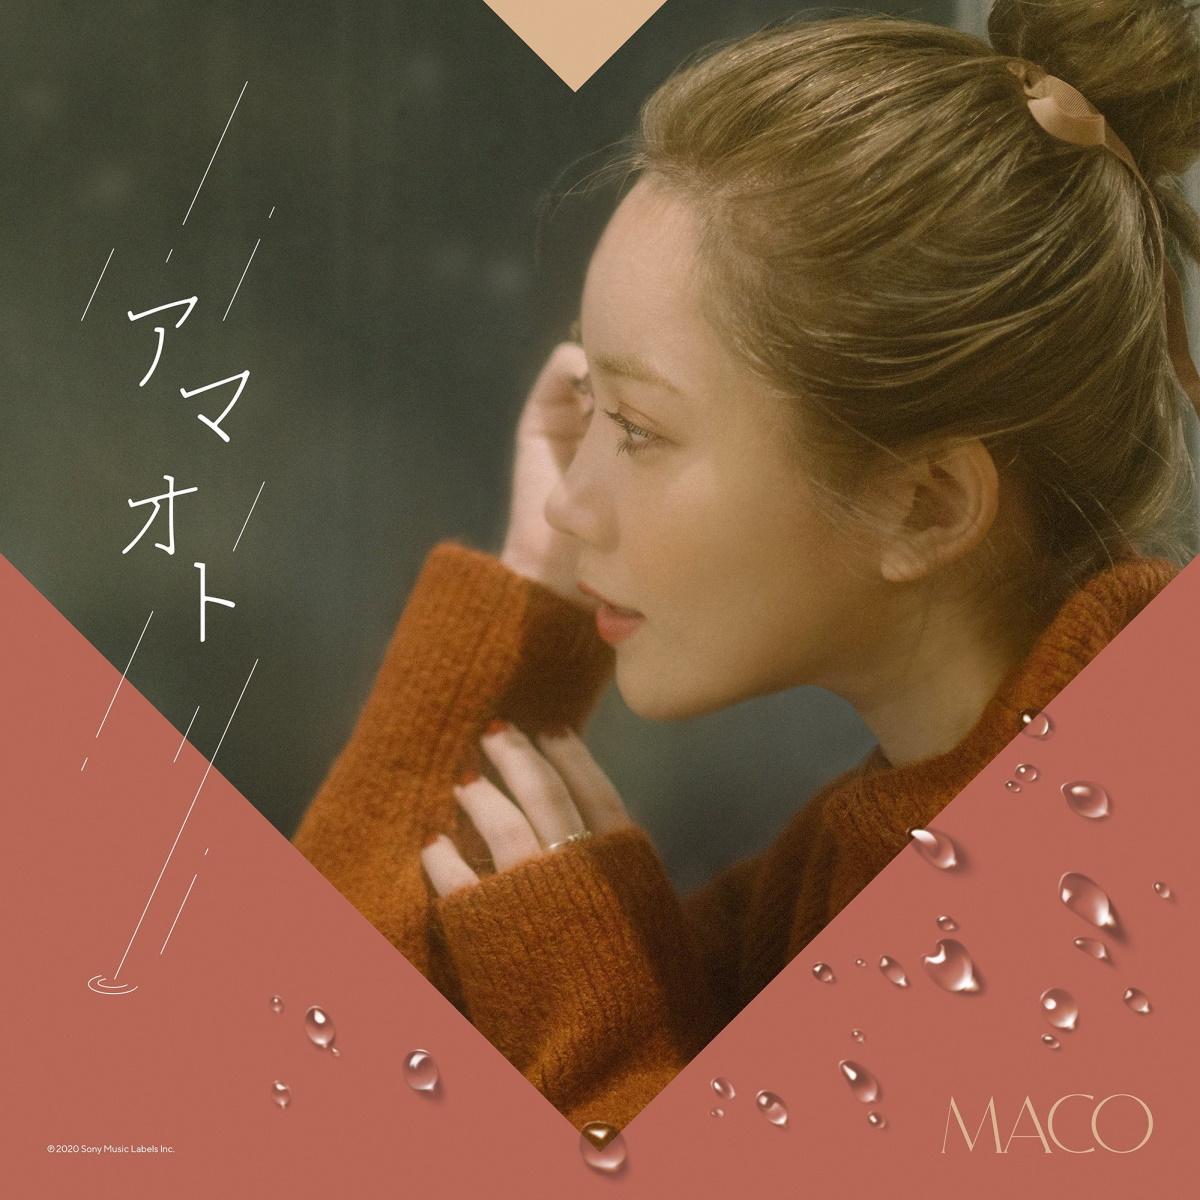 『MACO - アマオト 』収録の『アマオト』ジャケット